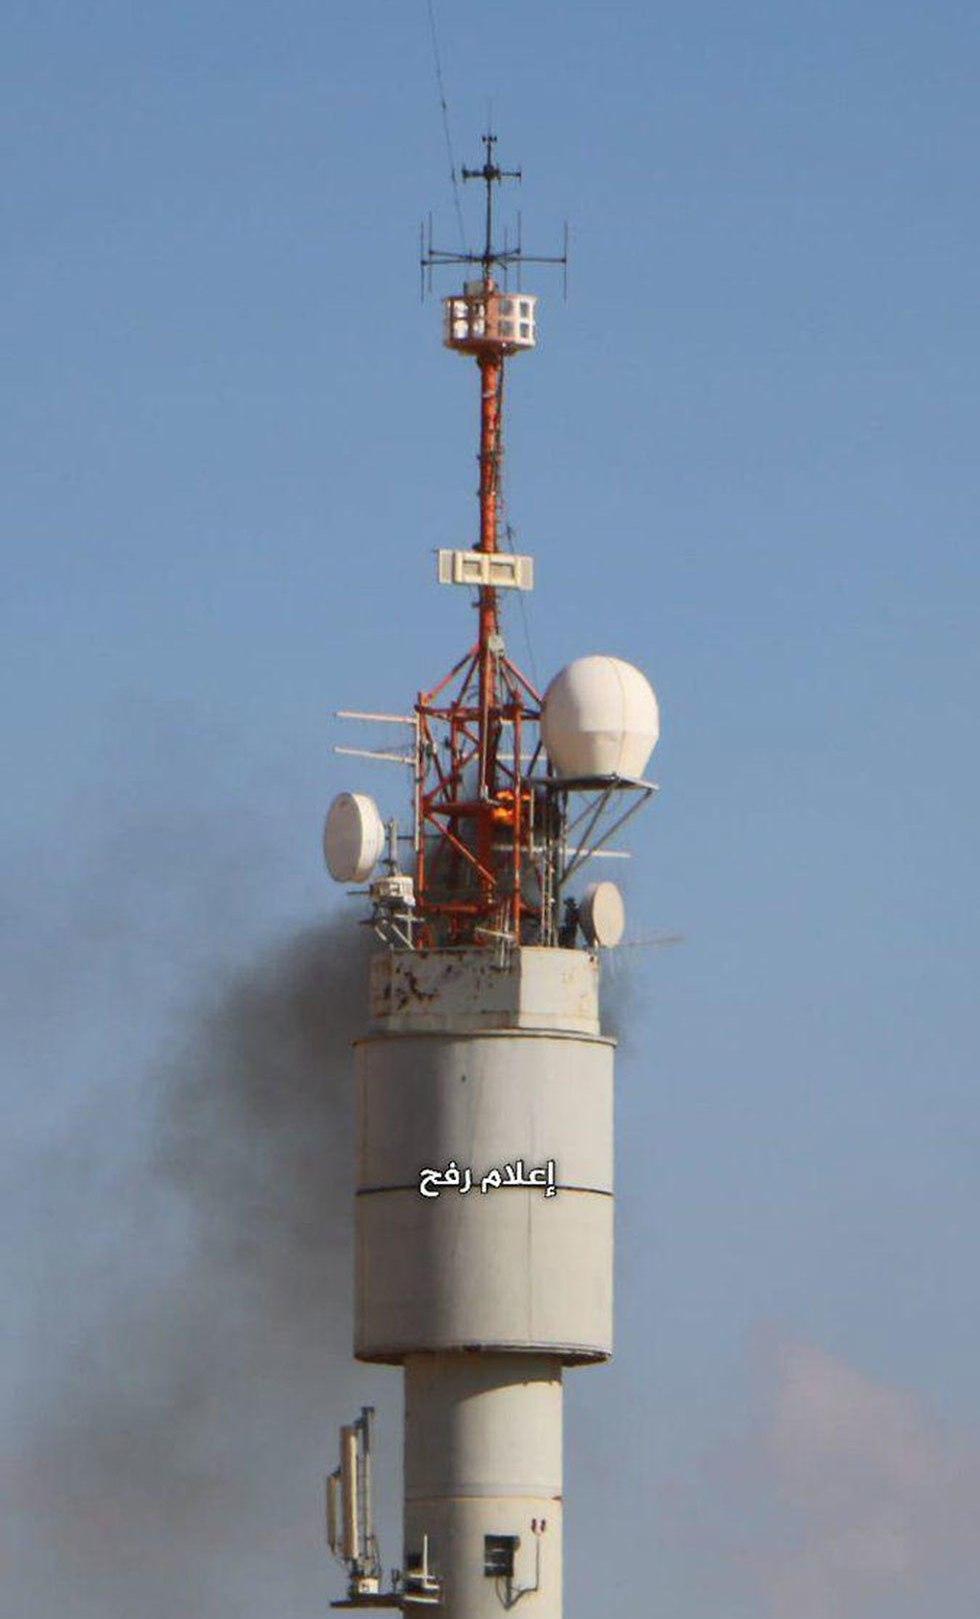 במהלך הפגנה עפיפון תבערה הונחת על מגדל תקשורת ומסר שנמצא סמוך לגדר בדרום הרצועה ()